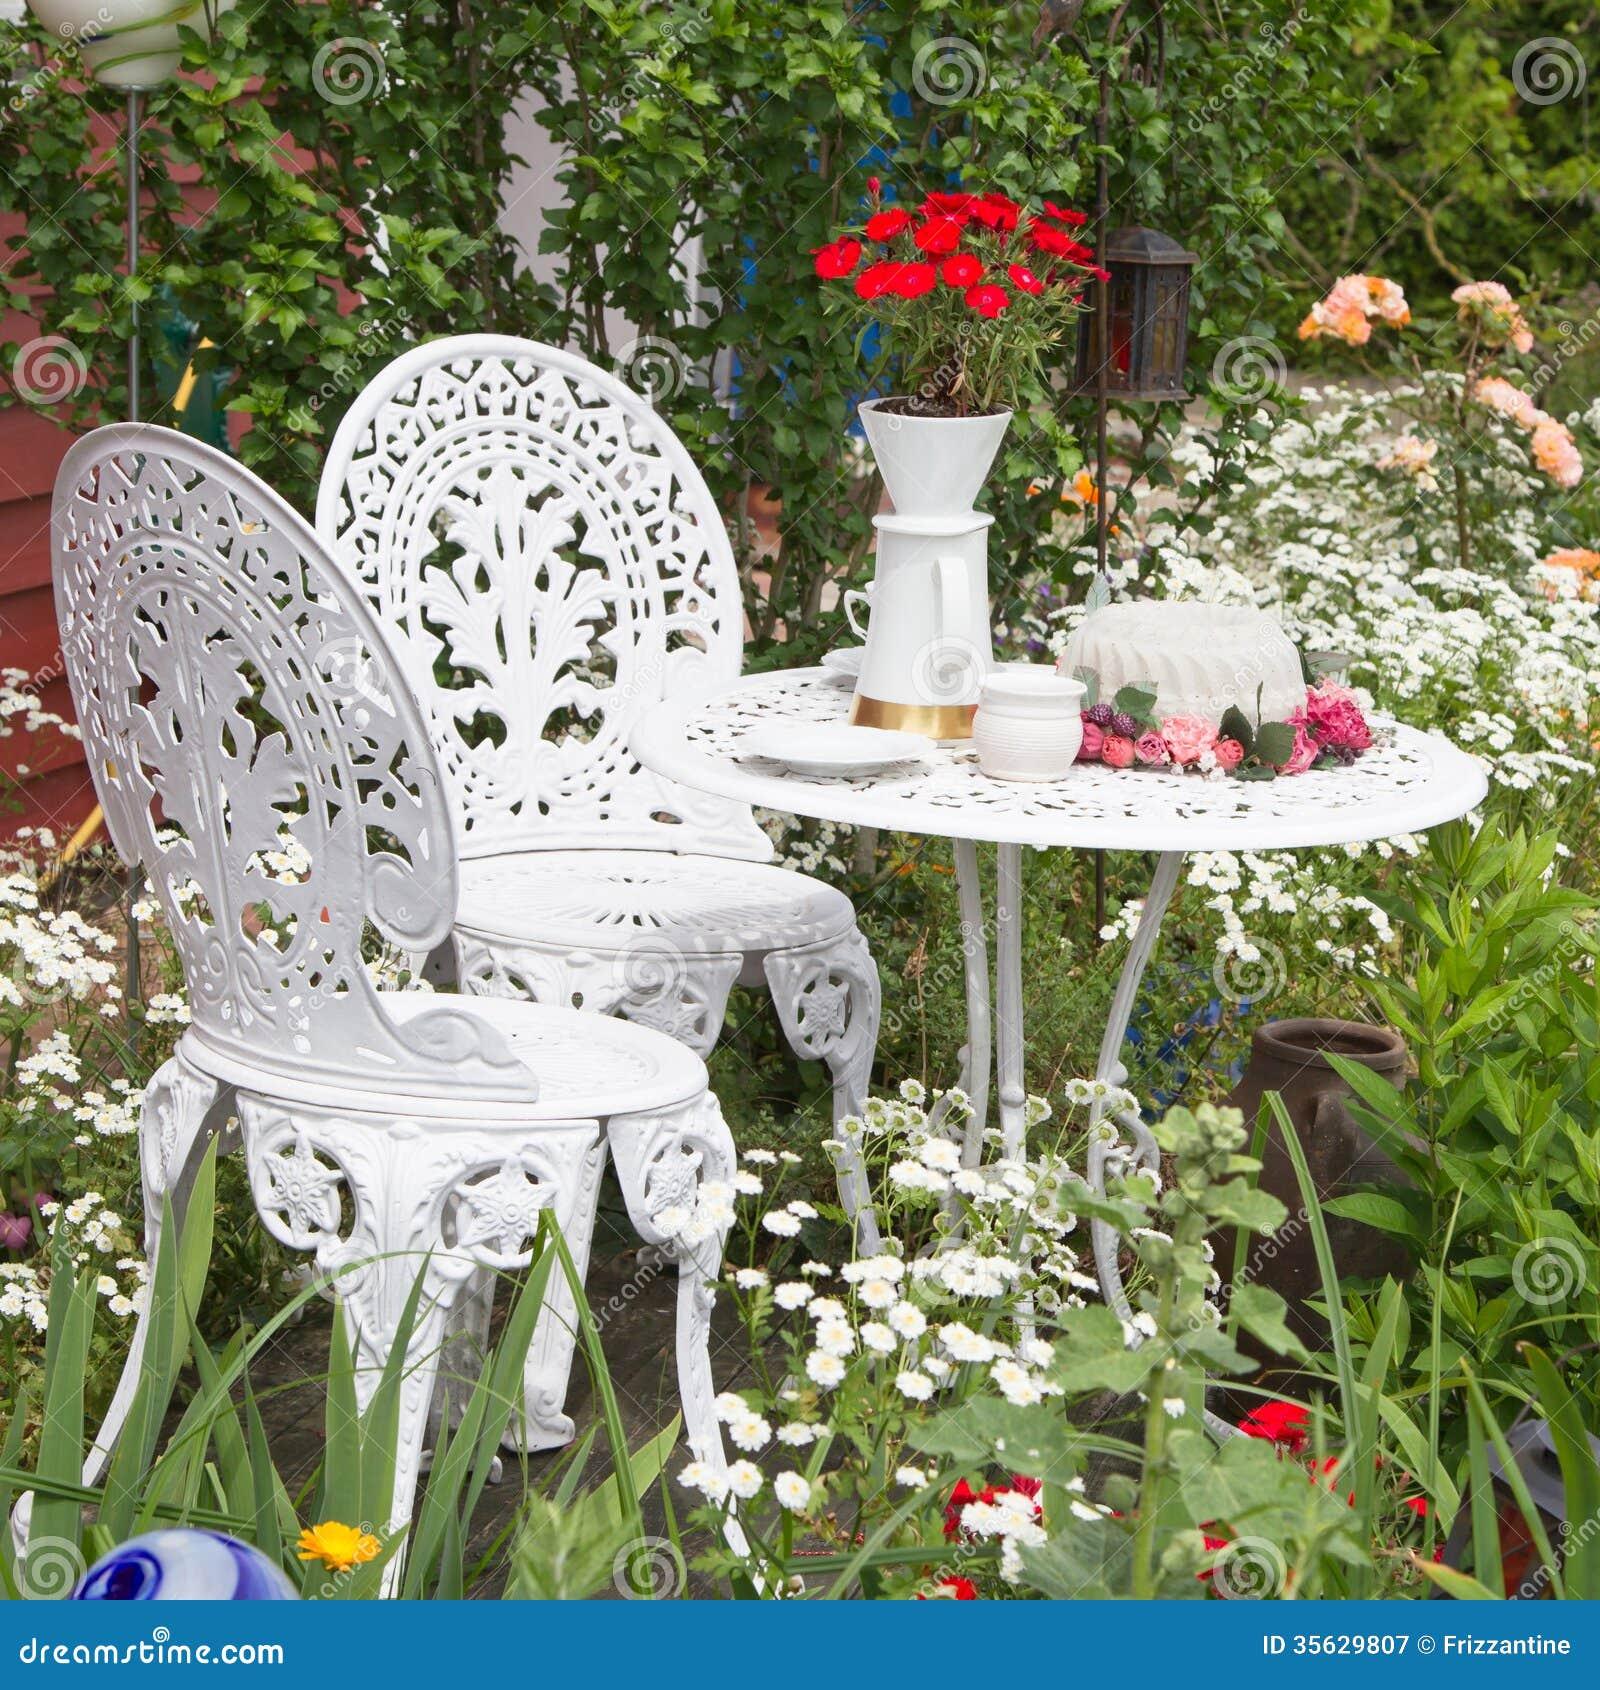 Garden Furniture Set With Flowers Growing In Garden Stock